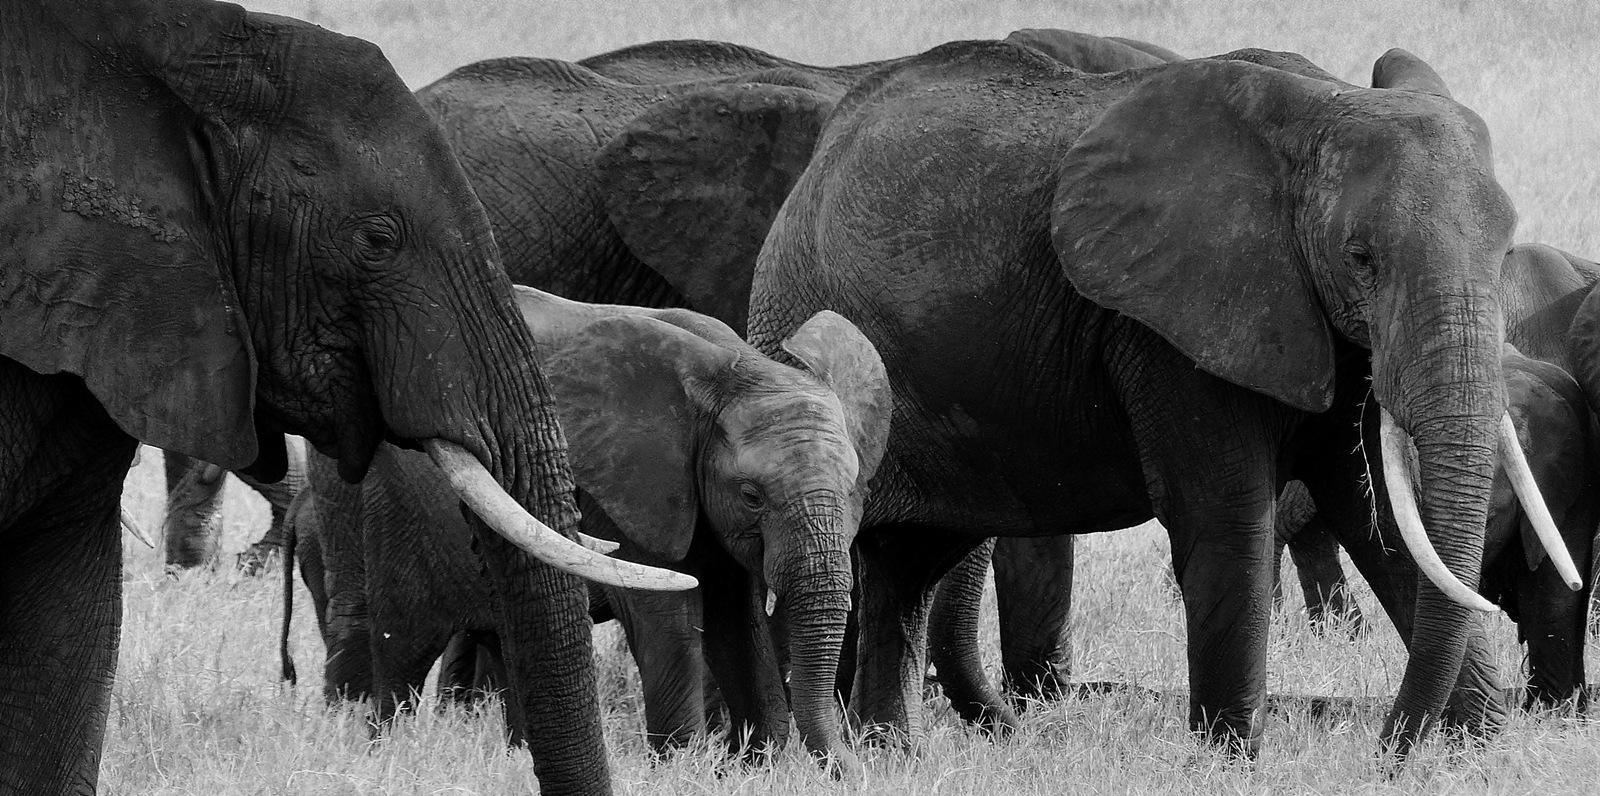 Elephants by kaskap444